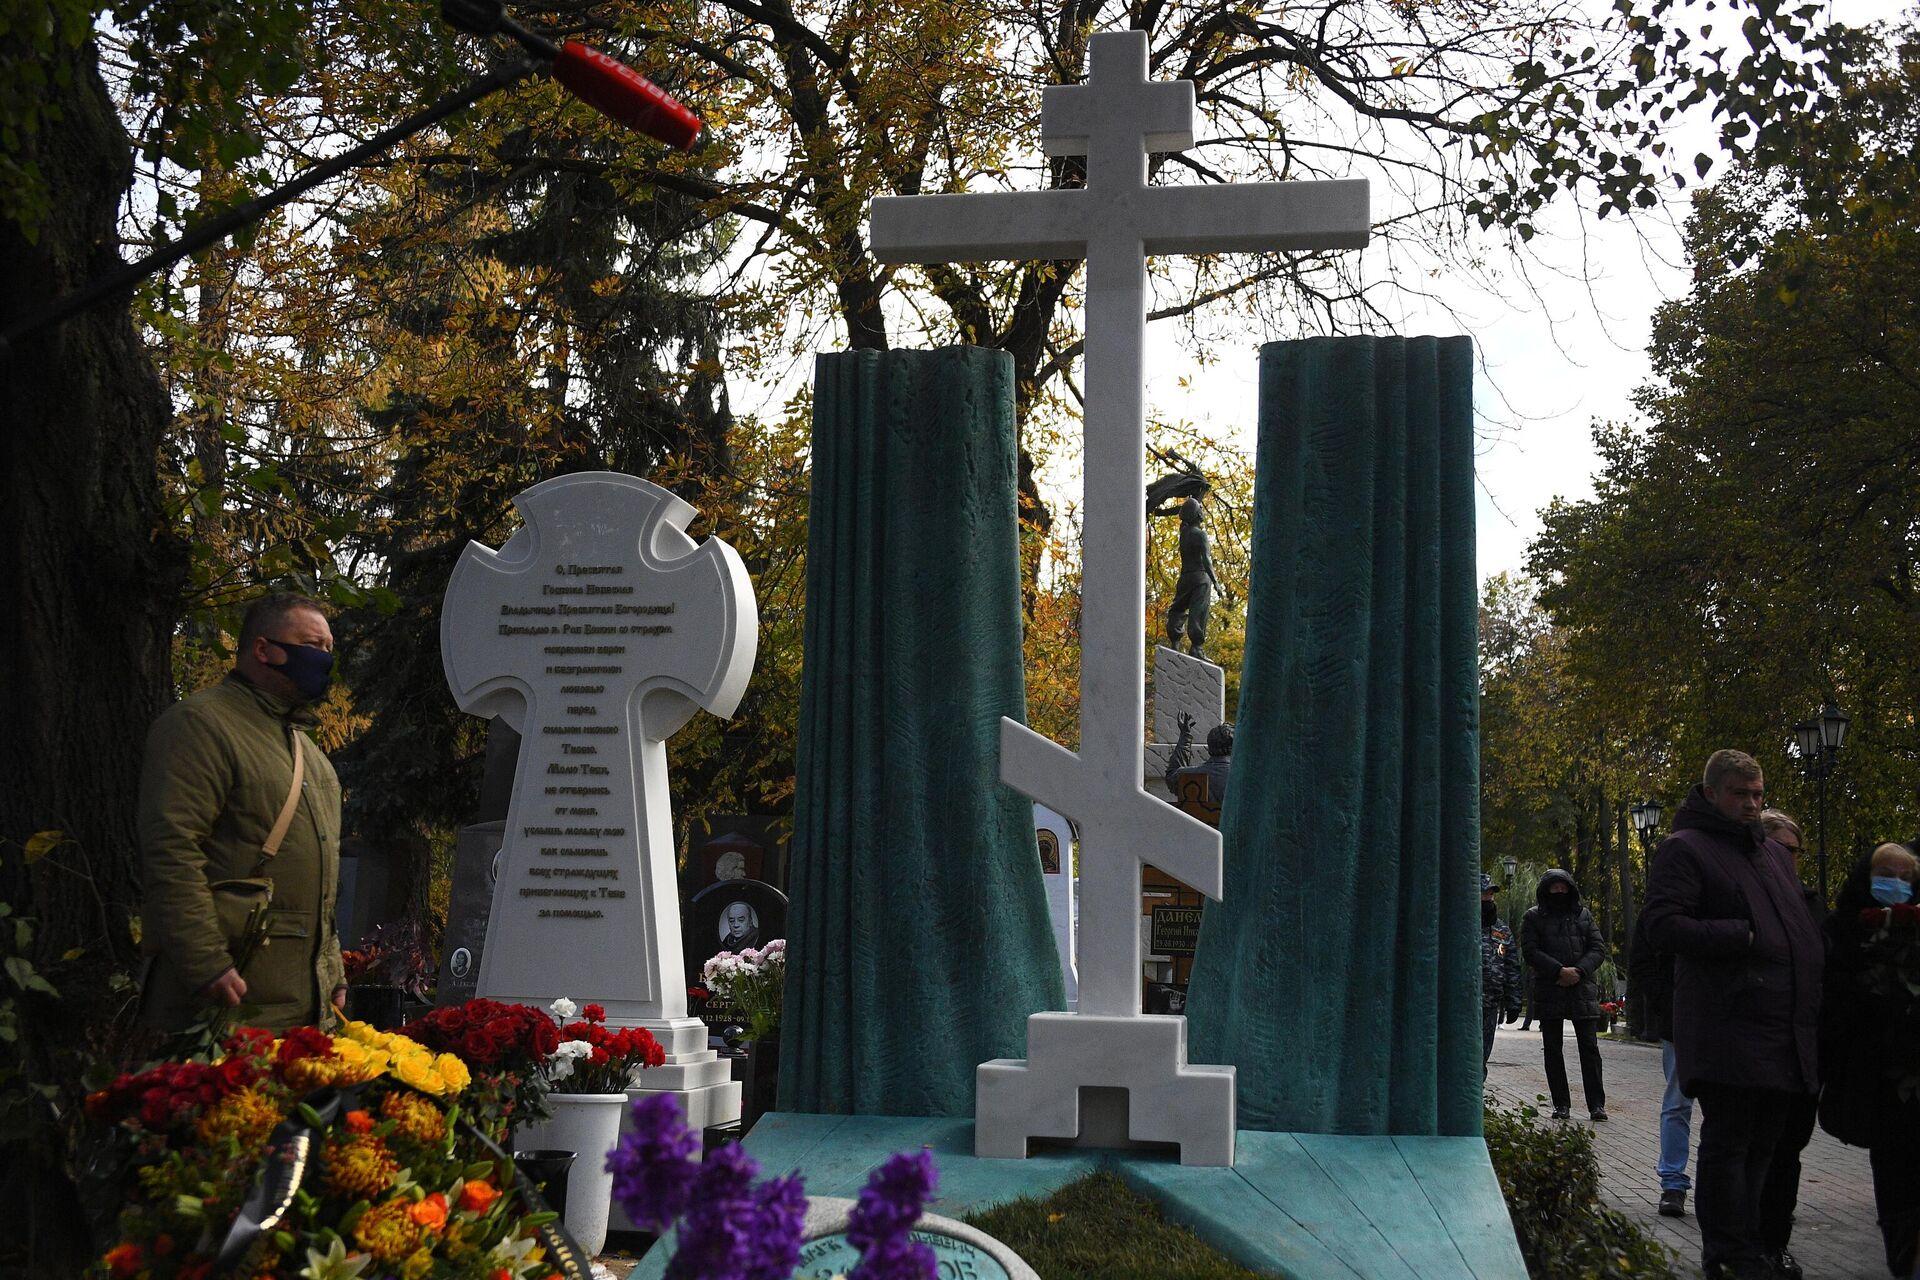 Открытие памятника М. Захарову на Новодевичьем кладбище - РИА Новости, 1920, 19.10.2020